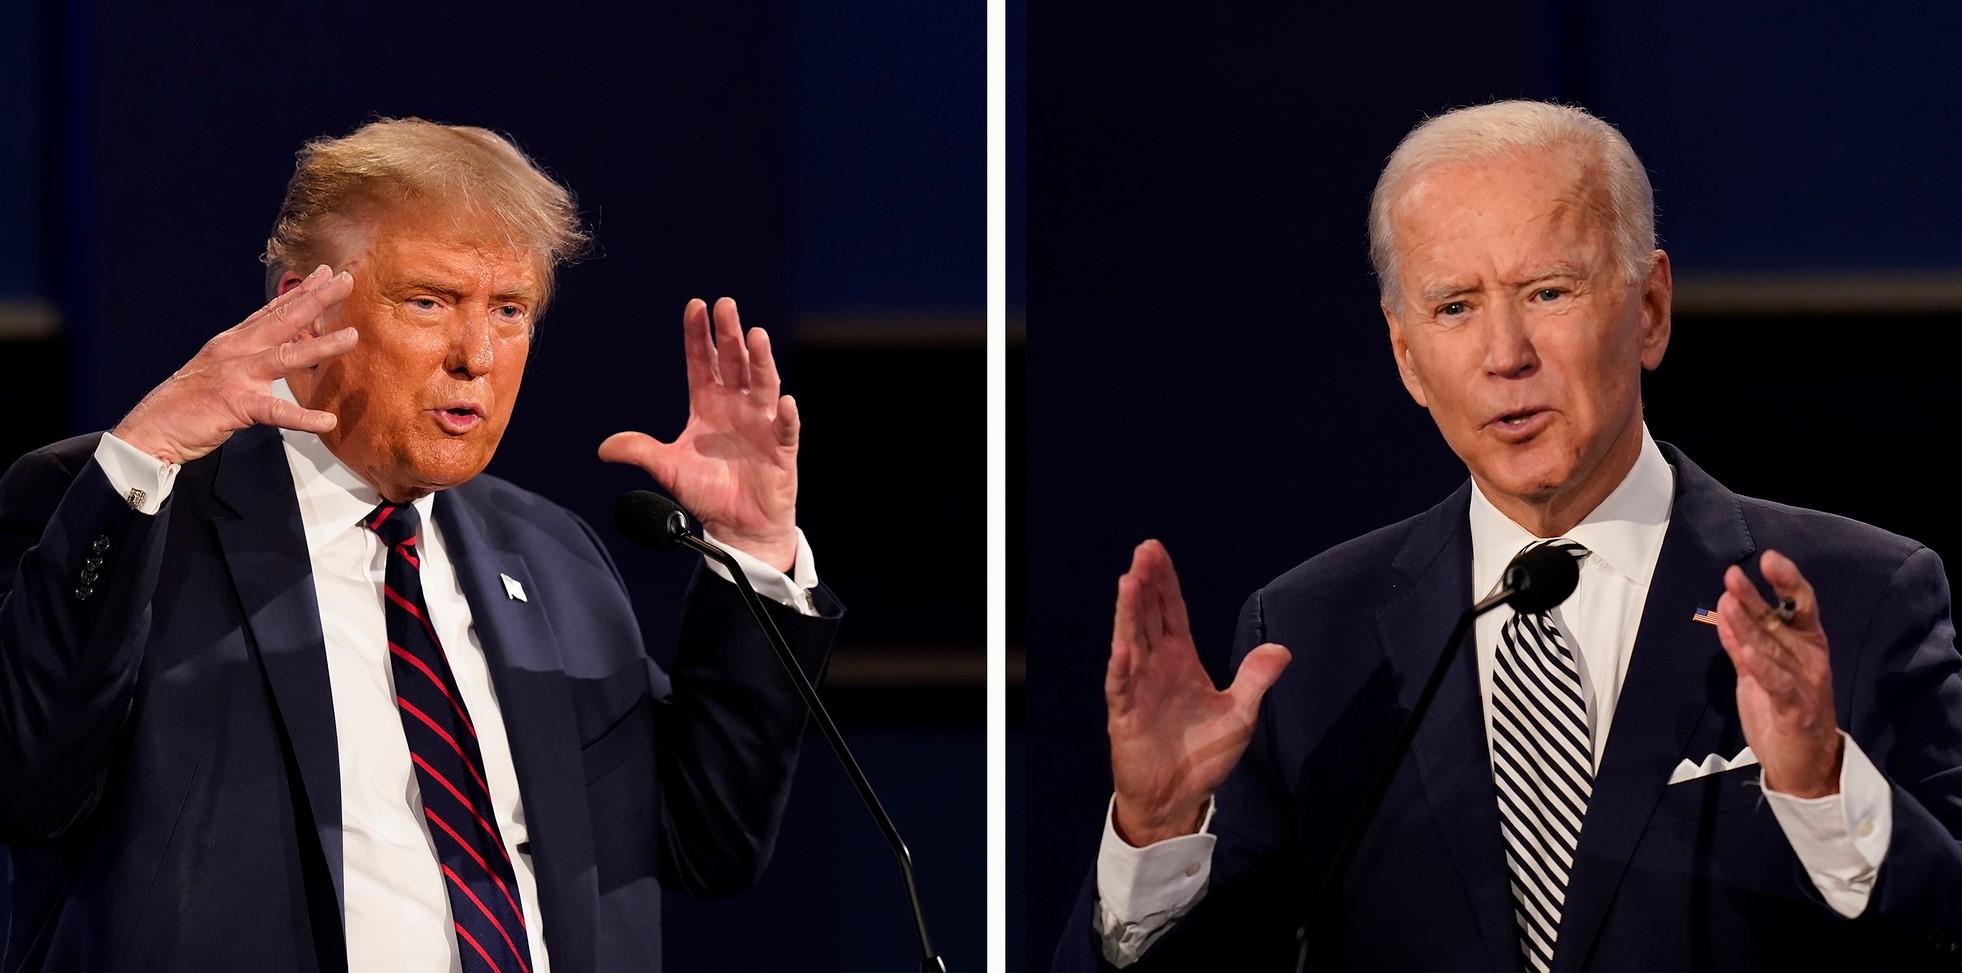 USA2020: Biden vs Trump, la resa dei conti